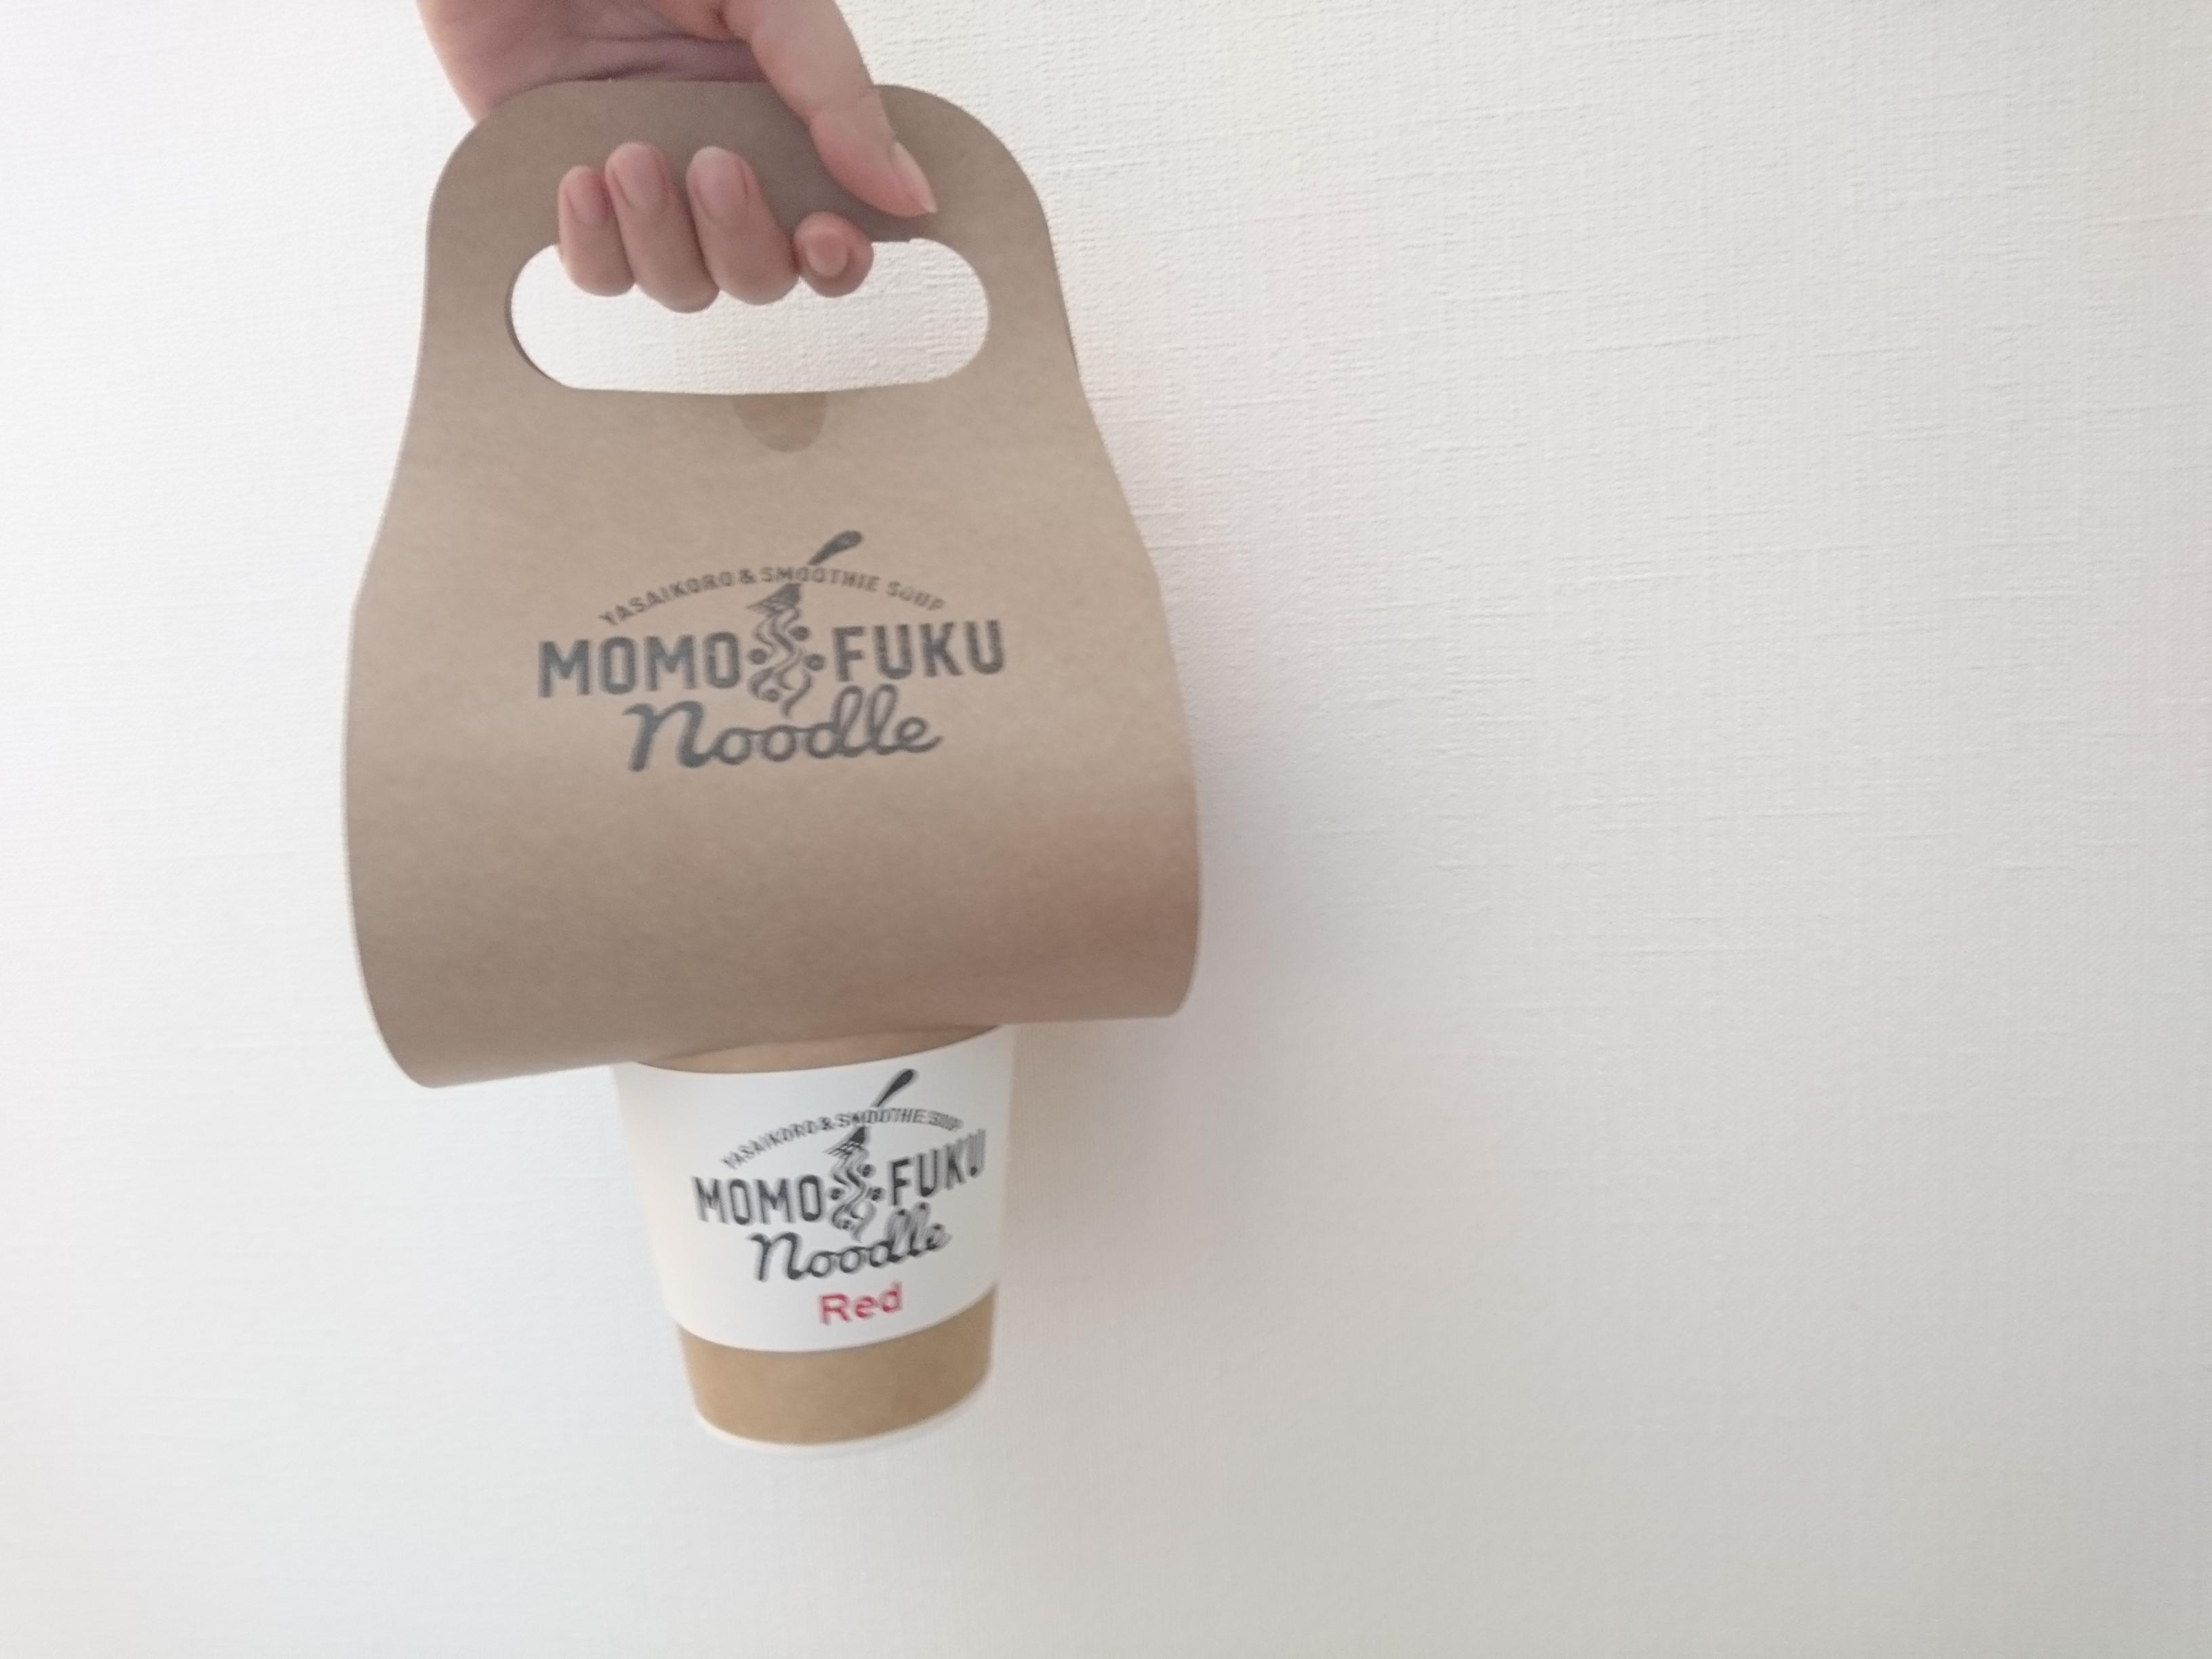 ≪大阪お土産≫カスタマイズ可☆ おしゃれカップラーメン【MOMOFUKU noodle】_1